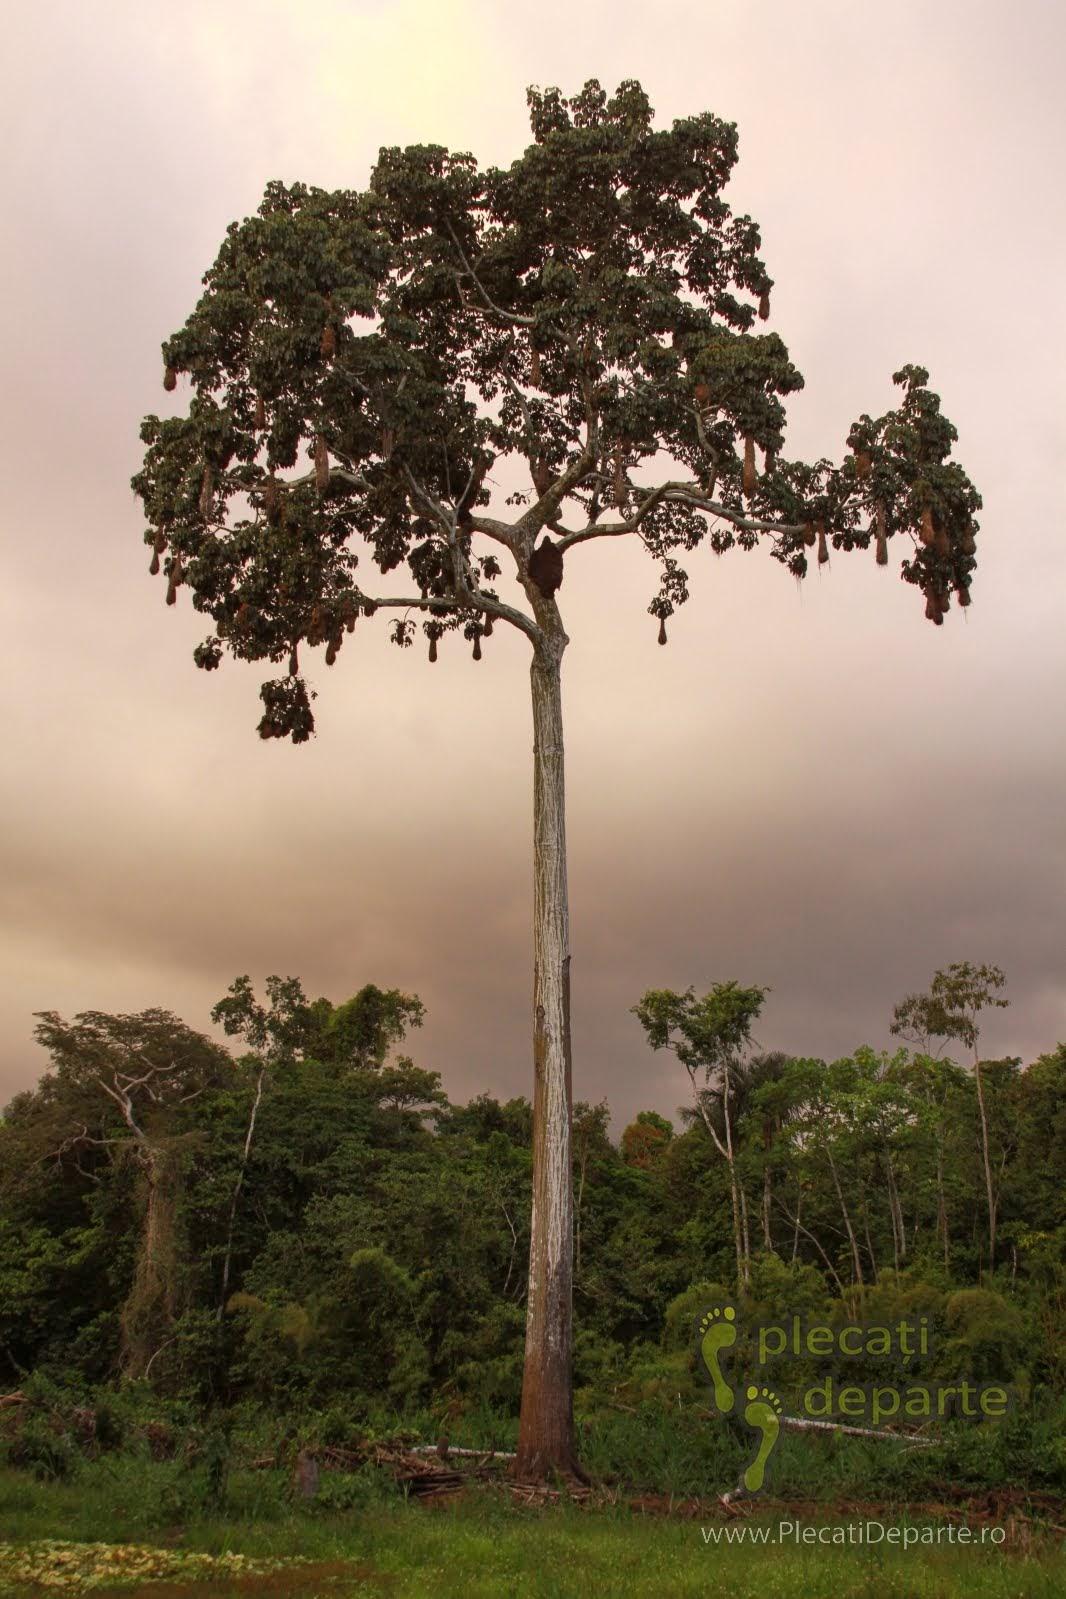 Copac plin de cuiburi de pasari tesator, in jungla amazoniana, in Rezervatia Nationala Pacaya-Samiria, Peru